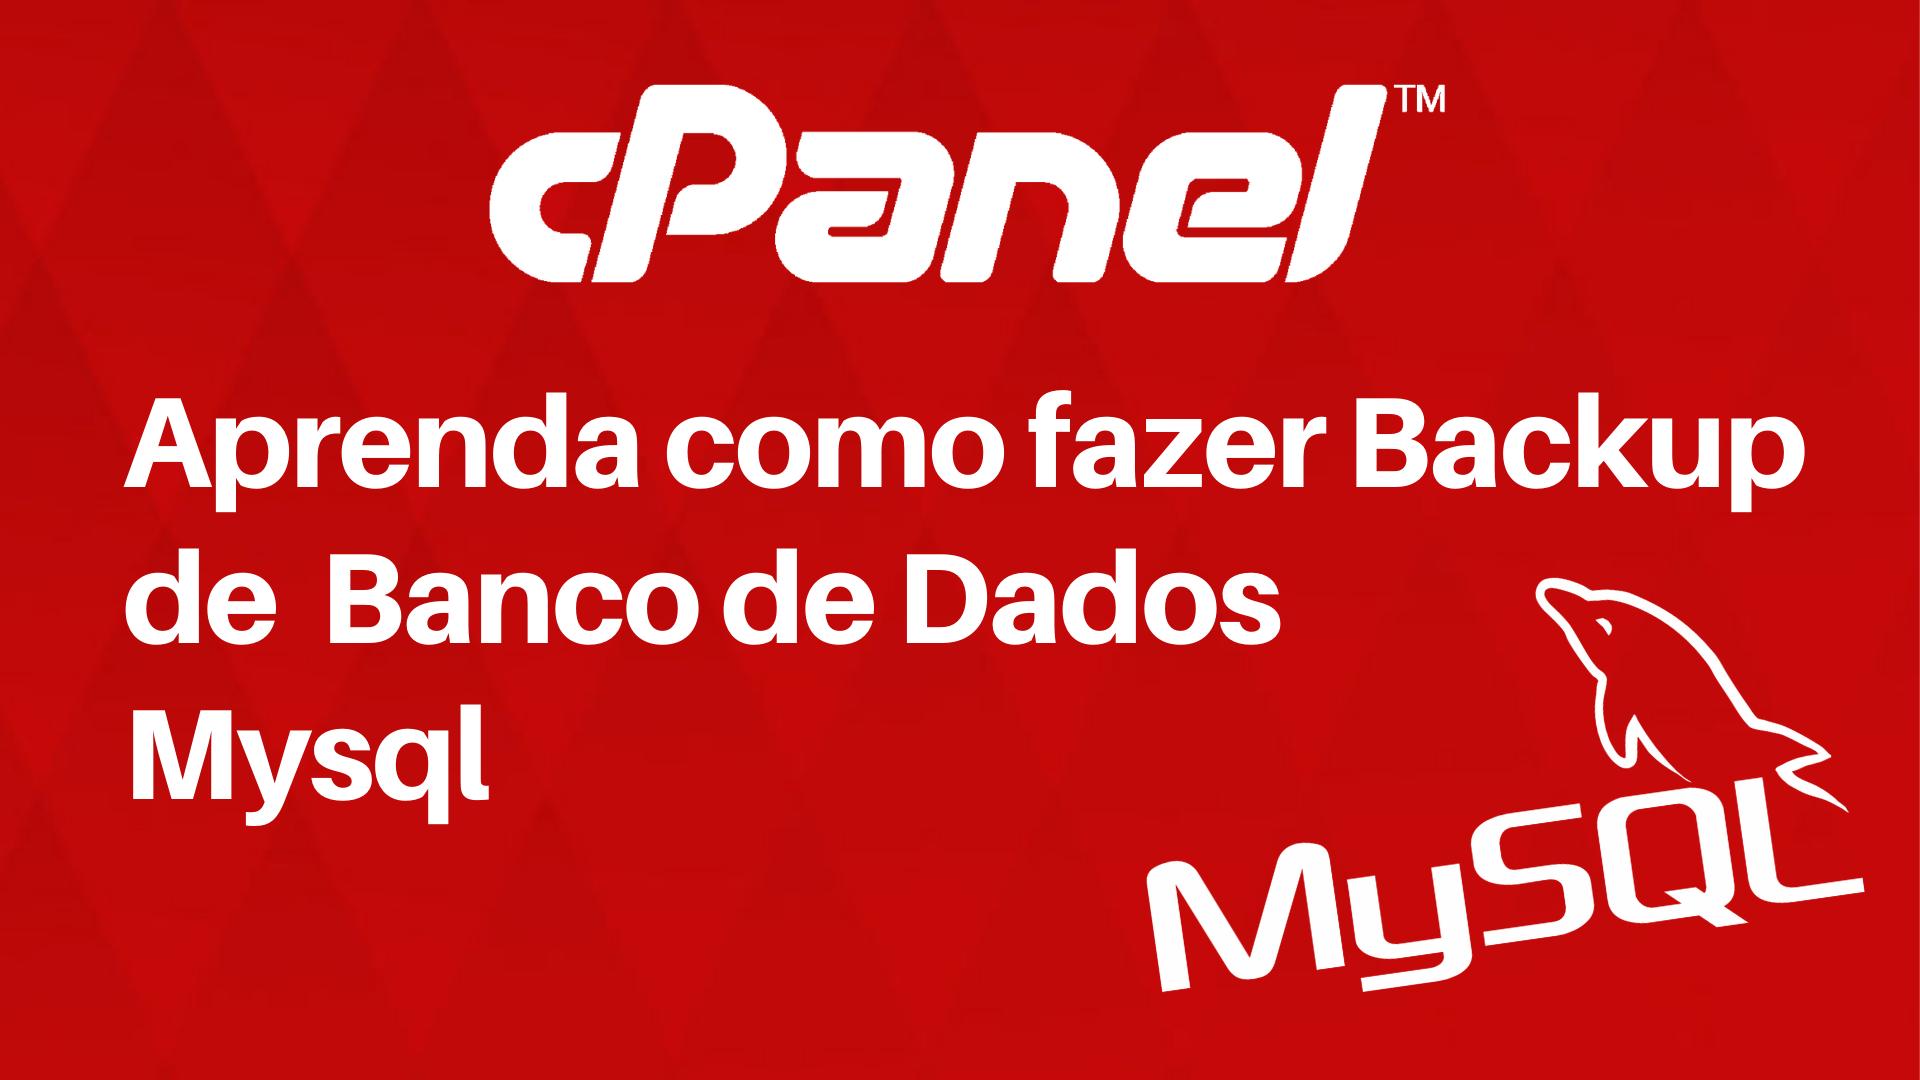 Backup Banco de Dados Mysql pelo Cpanel